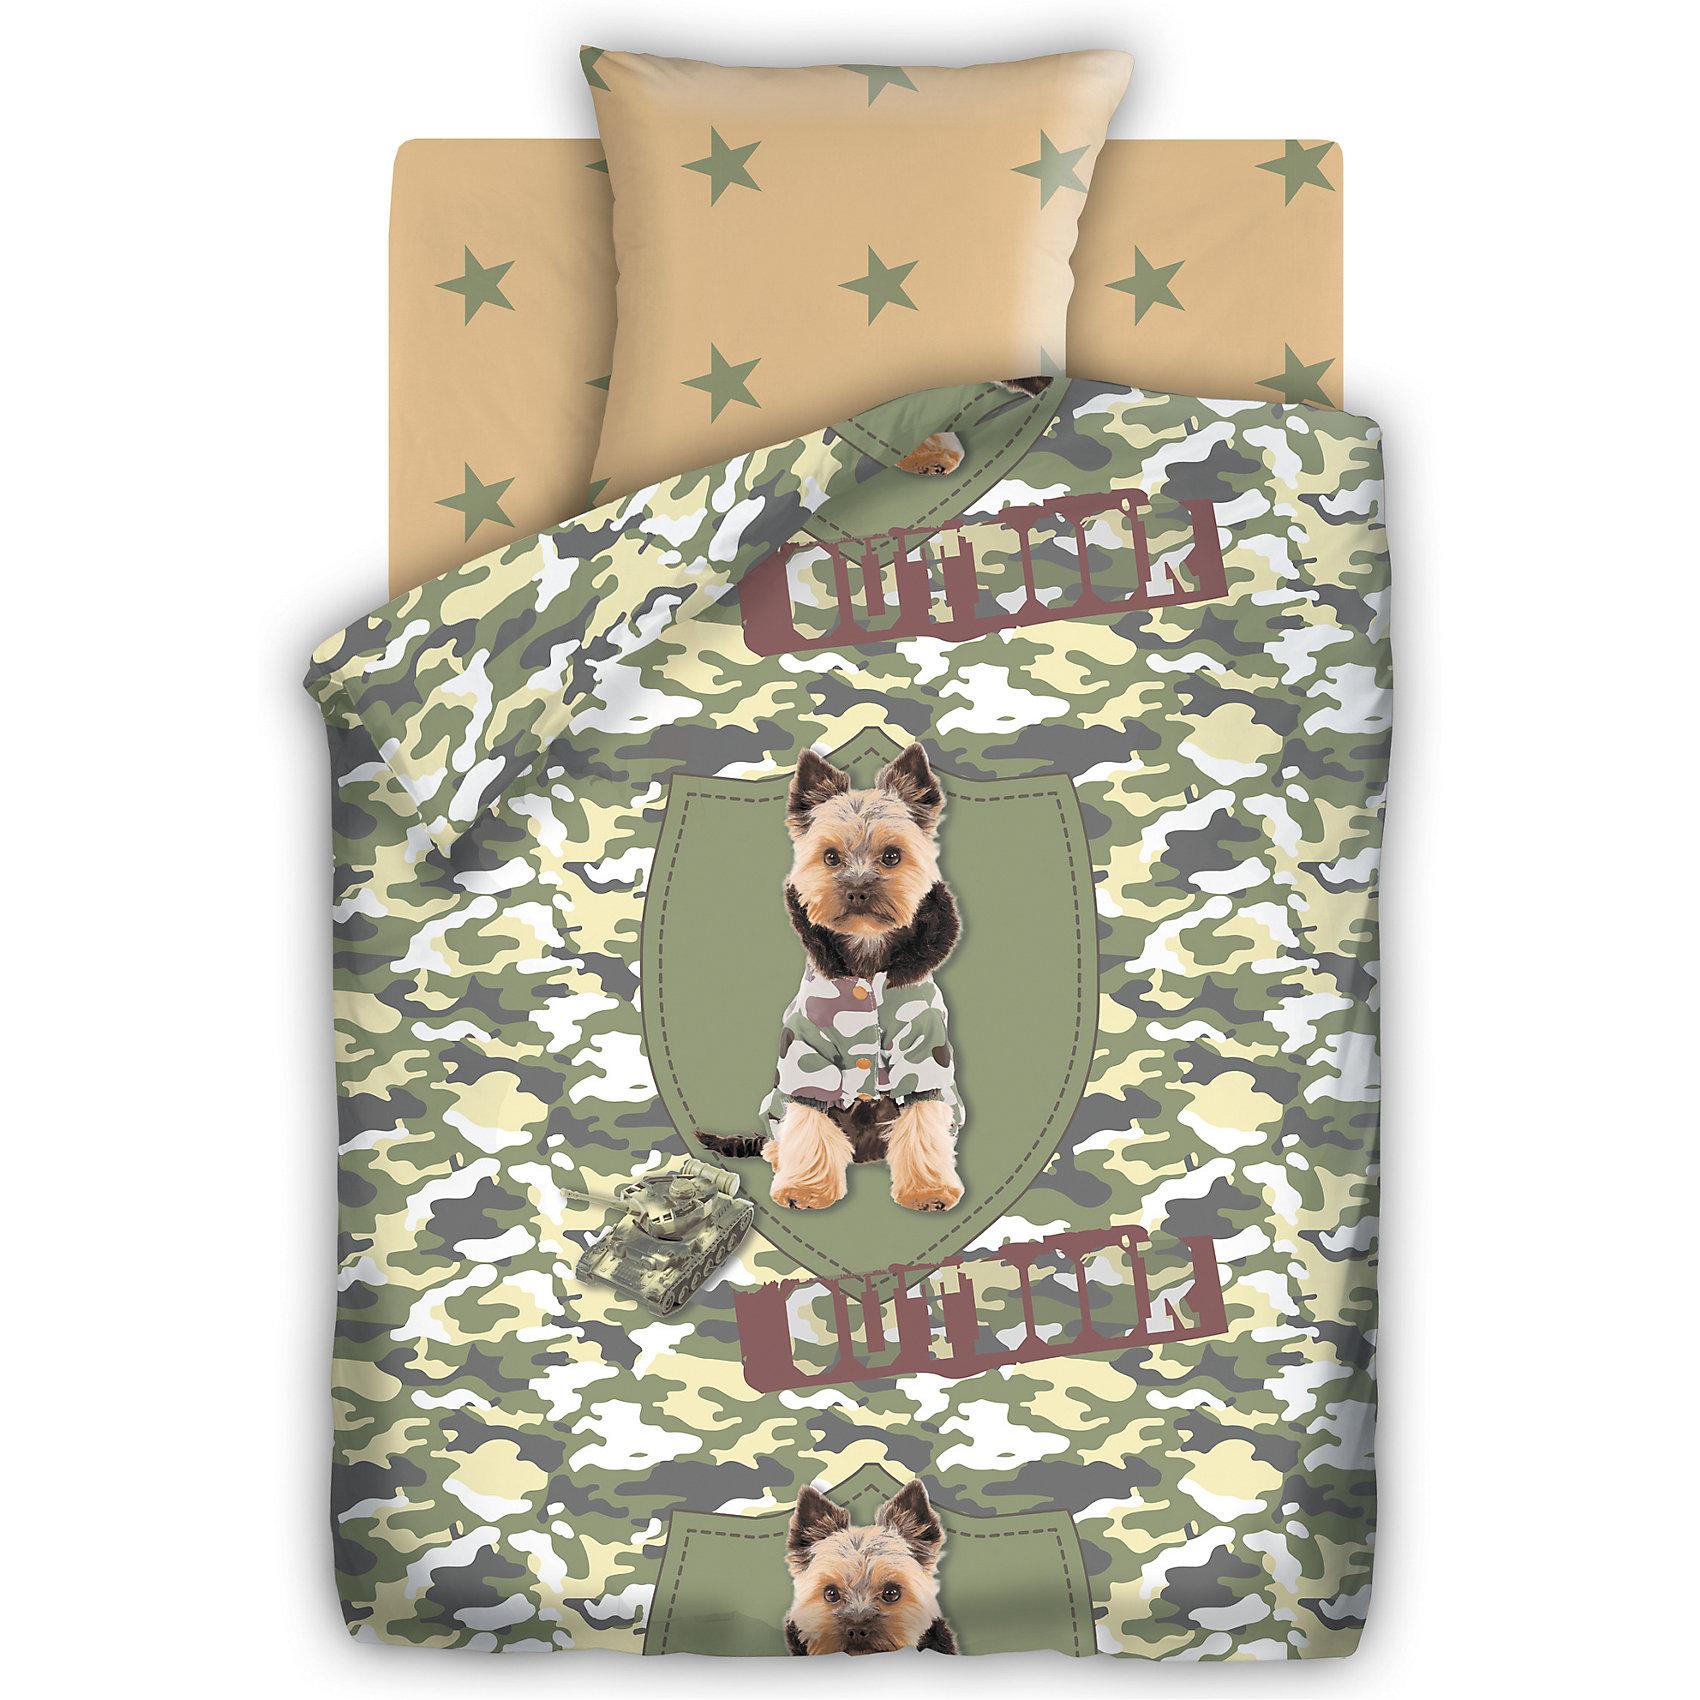 Постельное белье Йорк 1,5-спальный, FOR YOUДомашний текстиль<br>Комплект постельного белья Йорк, For you, с оригинальным дизайном непременно понравится Вашему ребенку. Комплект стилизован под камуфляжную ткань и украшен изображениями забавного песика йорка в защитном комбинезоне. Материал представляет собой качественную<br>плотную бязь, очень комфортную и приятную на ощупь. Ткань отвечает всем экологическим нормам безопасности, дышащая, гипоаллергенная, не нарушает естественные процессы терморегуляции. При стирке белье не линяет, не деформируется и не теряет своих красок даже после<br>многочисленных стирок.<br><br>Дополнительная информация:<br><br>- В комплекте: 1 наволочка, 1 пододеяльник и 1 простыня.<br>- Размер комплекта: полутораспальный.<br>- Тип ткани: Бязь (100% хлопок).<br>- Плотность ткани: 115 г/м.<br>- Размер пододеяльника: 215 х 143 см.<br>- Размер наволочки: 70 х 70 см.<br>- Размер простыни: 214 х 150 см.<br>- Размер упаковки: 35 х 6 х 25 см.<br>- Вес: 1,33 кг. <br><br>Комплект Йорк, 1,5 спальный, For you, можно приобрести в нашем интернет-магазине.<br><br>Ширина мм: 200<br>Глубина мм: 60<br>Высота мм: 280<br>Вес г: 800<br>Возраст от месяцев: 36<br>Возраст до месяцев: 120<br>Пол: Унисекс<br>Возраст: Детский<br>SKU: 4463261